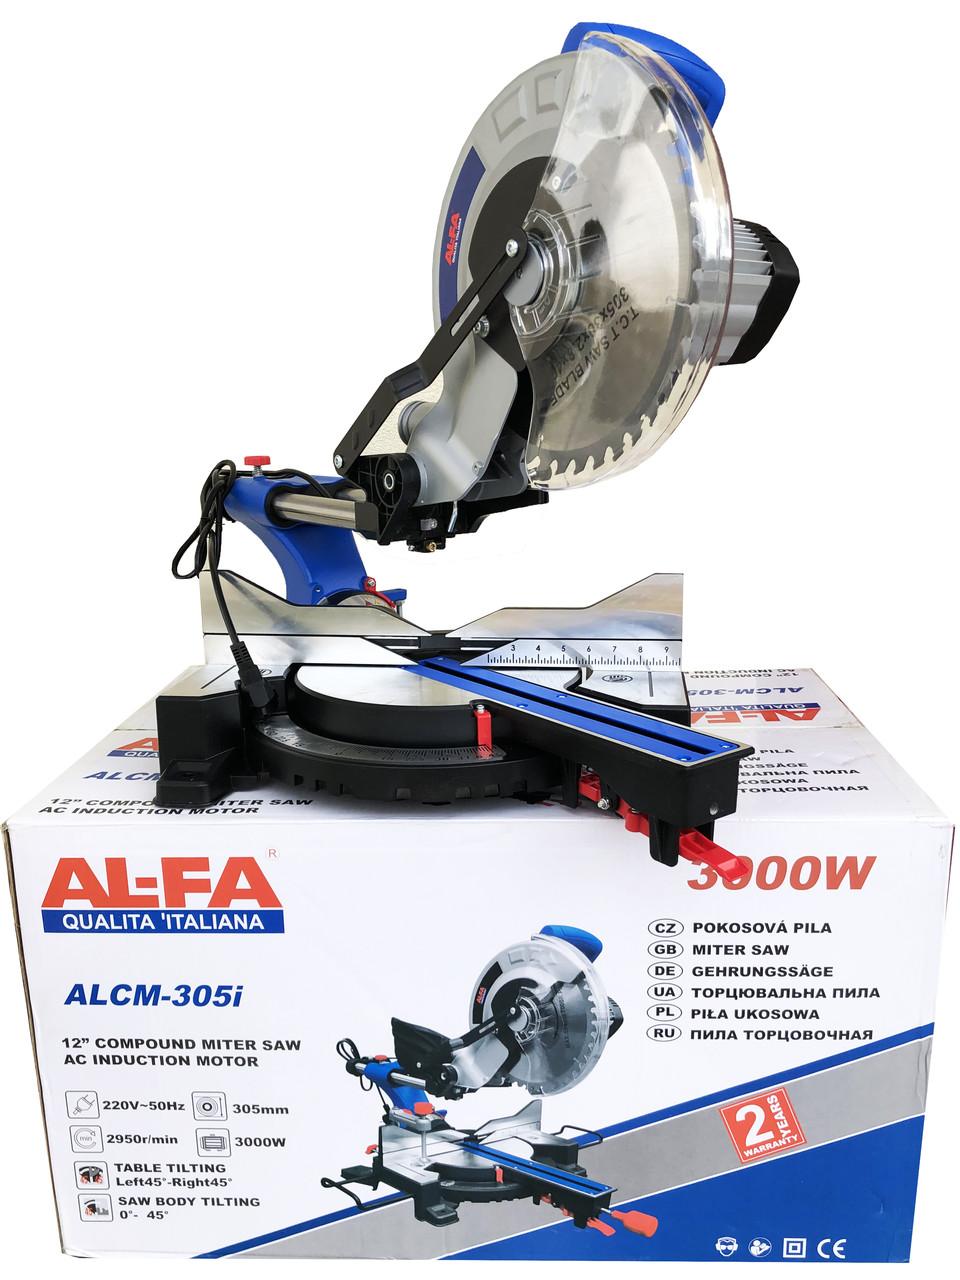 Торцовочная пила с асинхронным двигателем и протяжкой AL-FA ALCM-305i